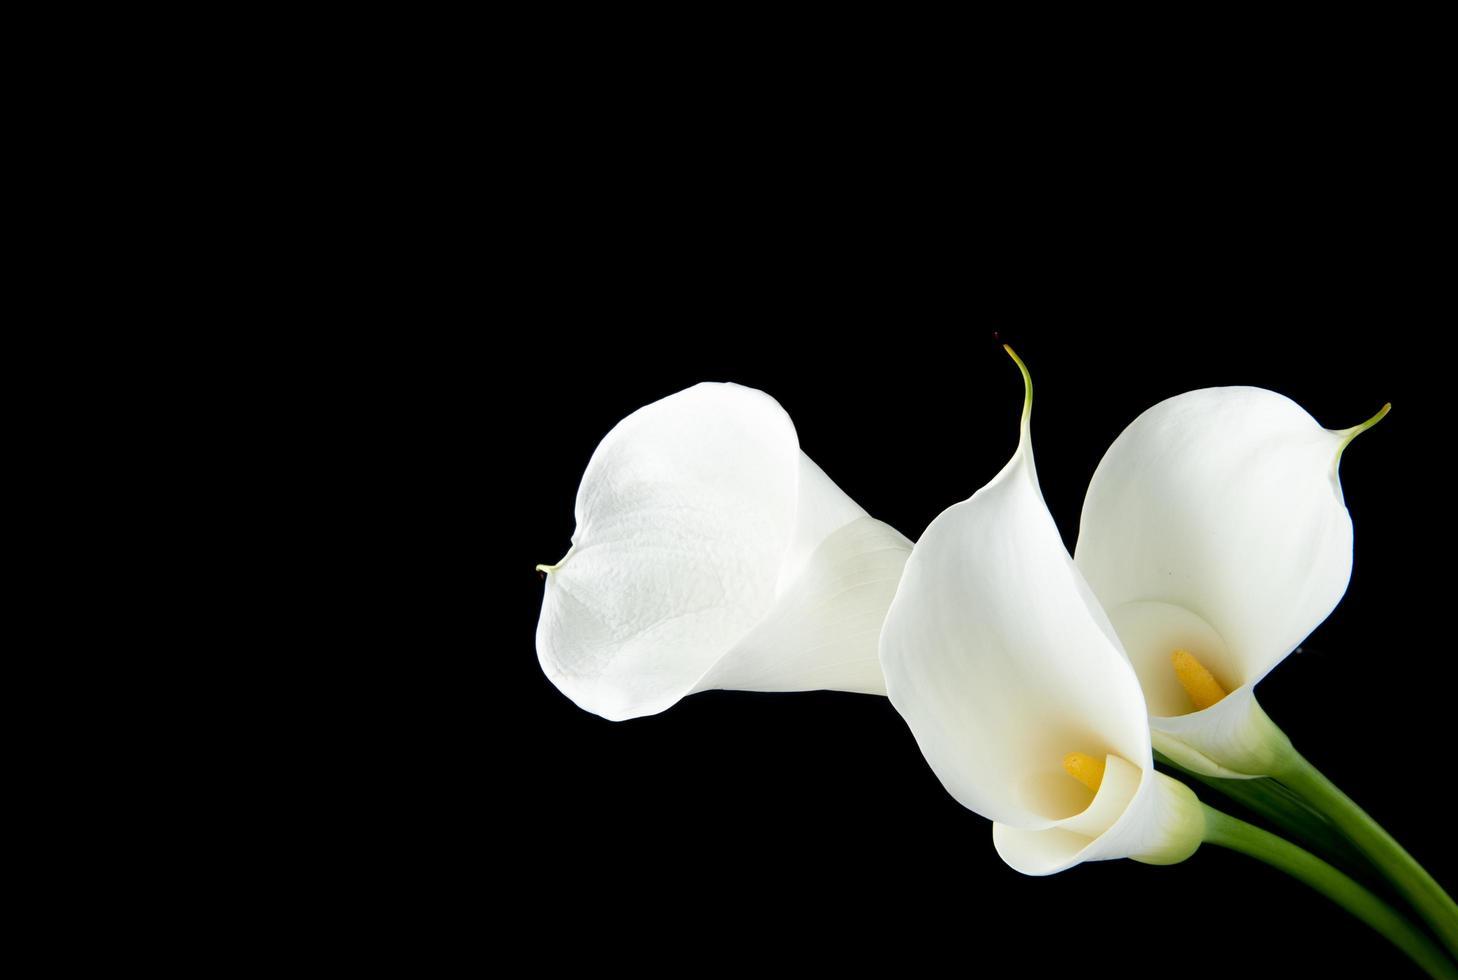 calla liljor på en svart bakgrund foto